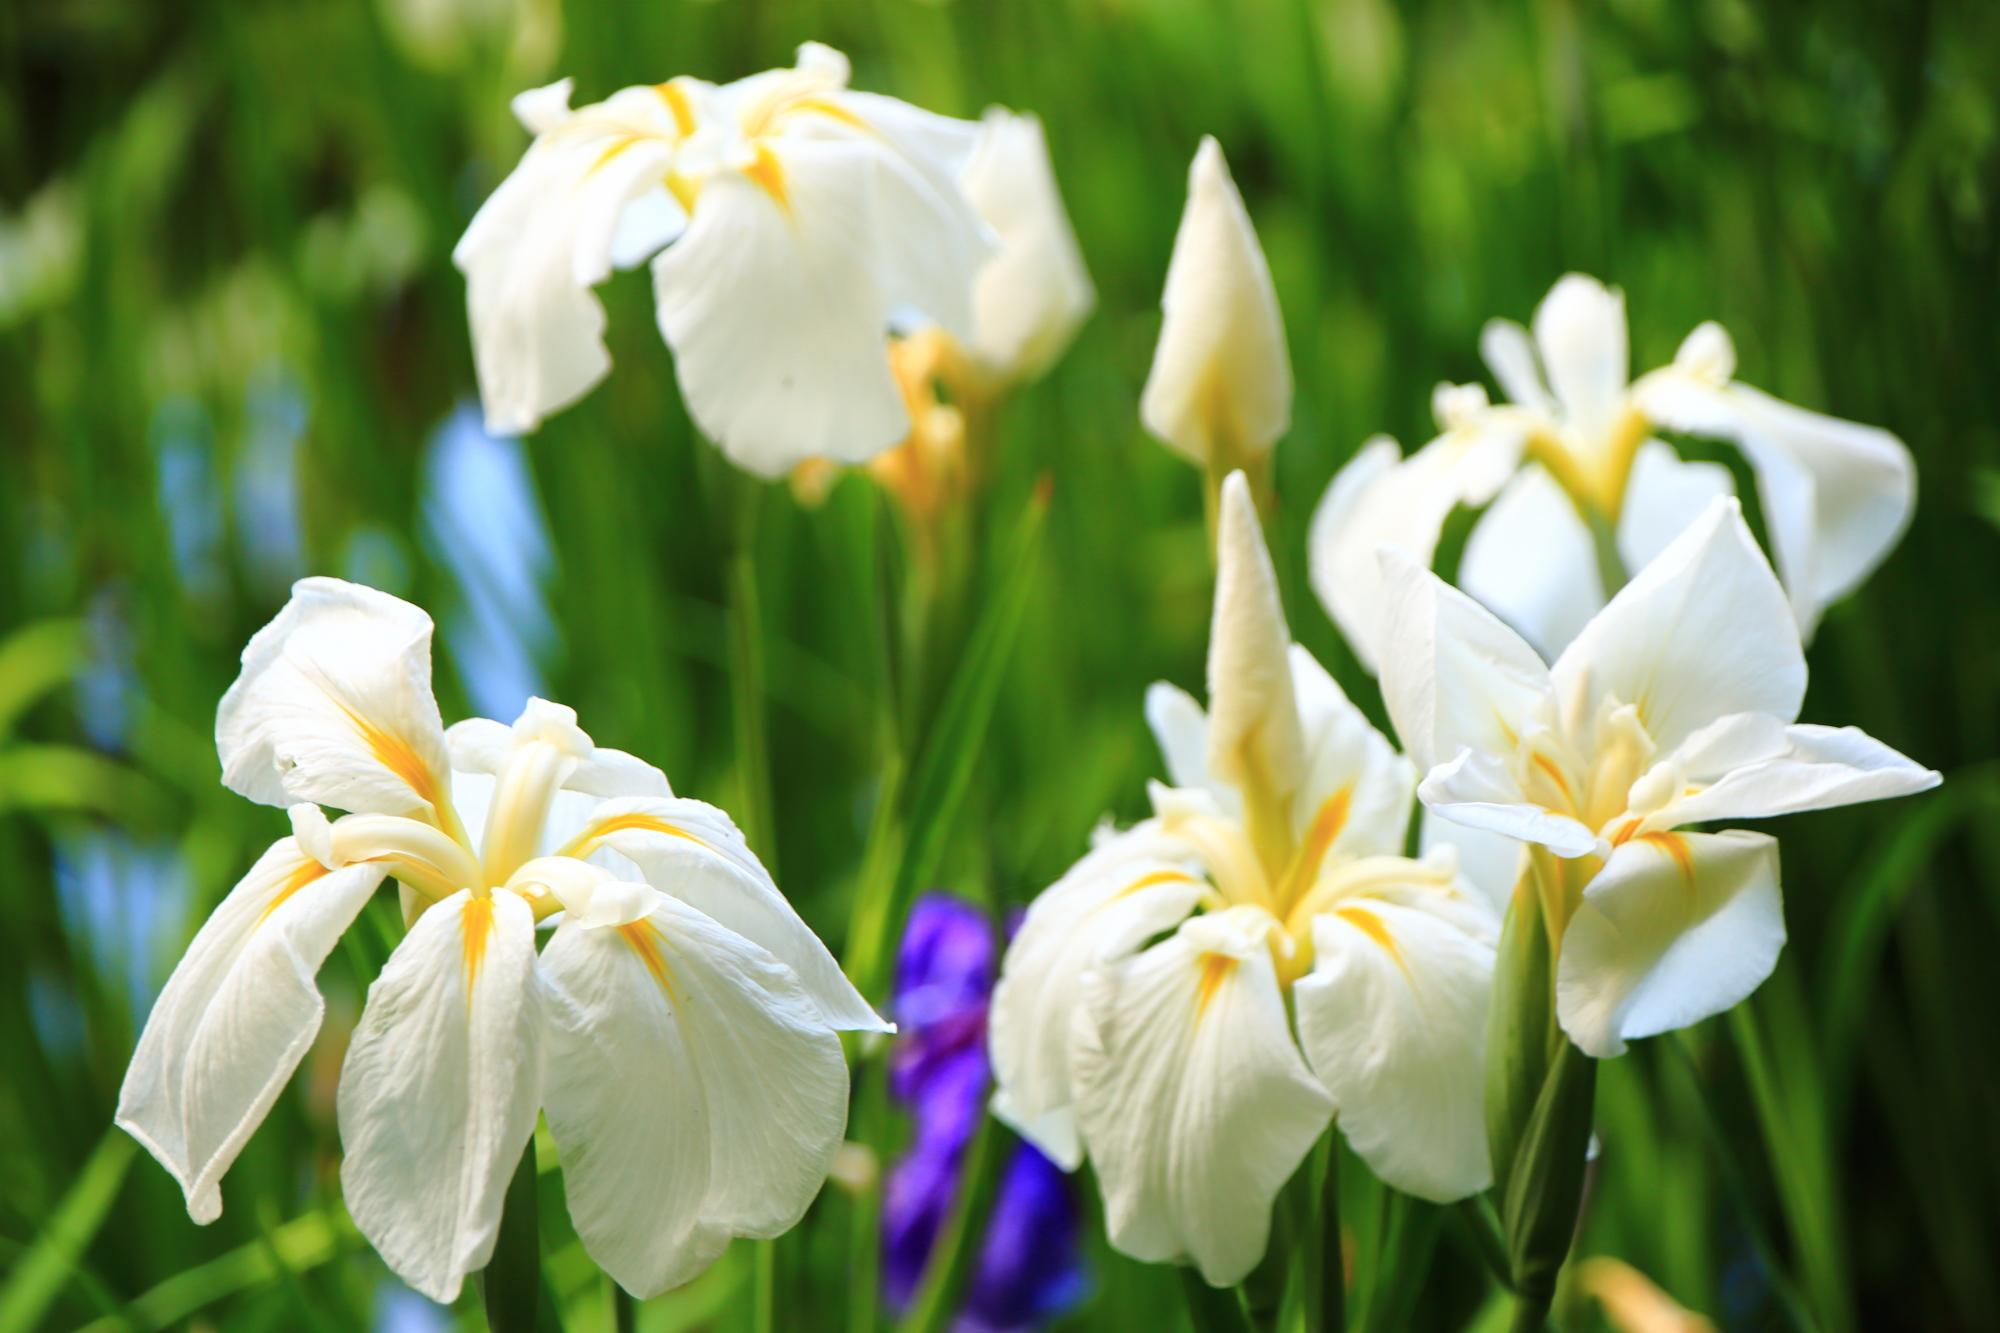 花びらを大きく垂らす白い花菖蒲